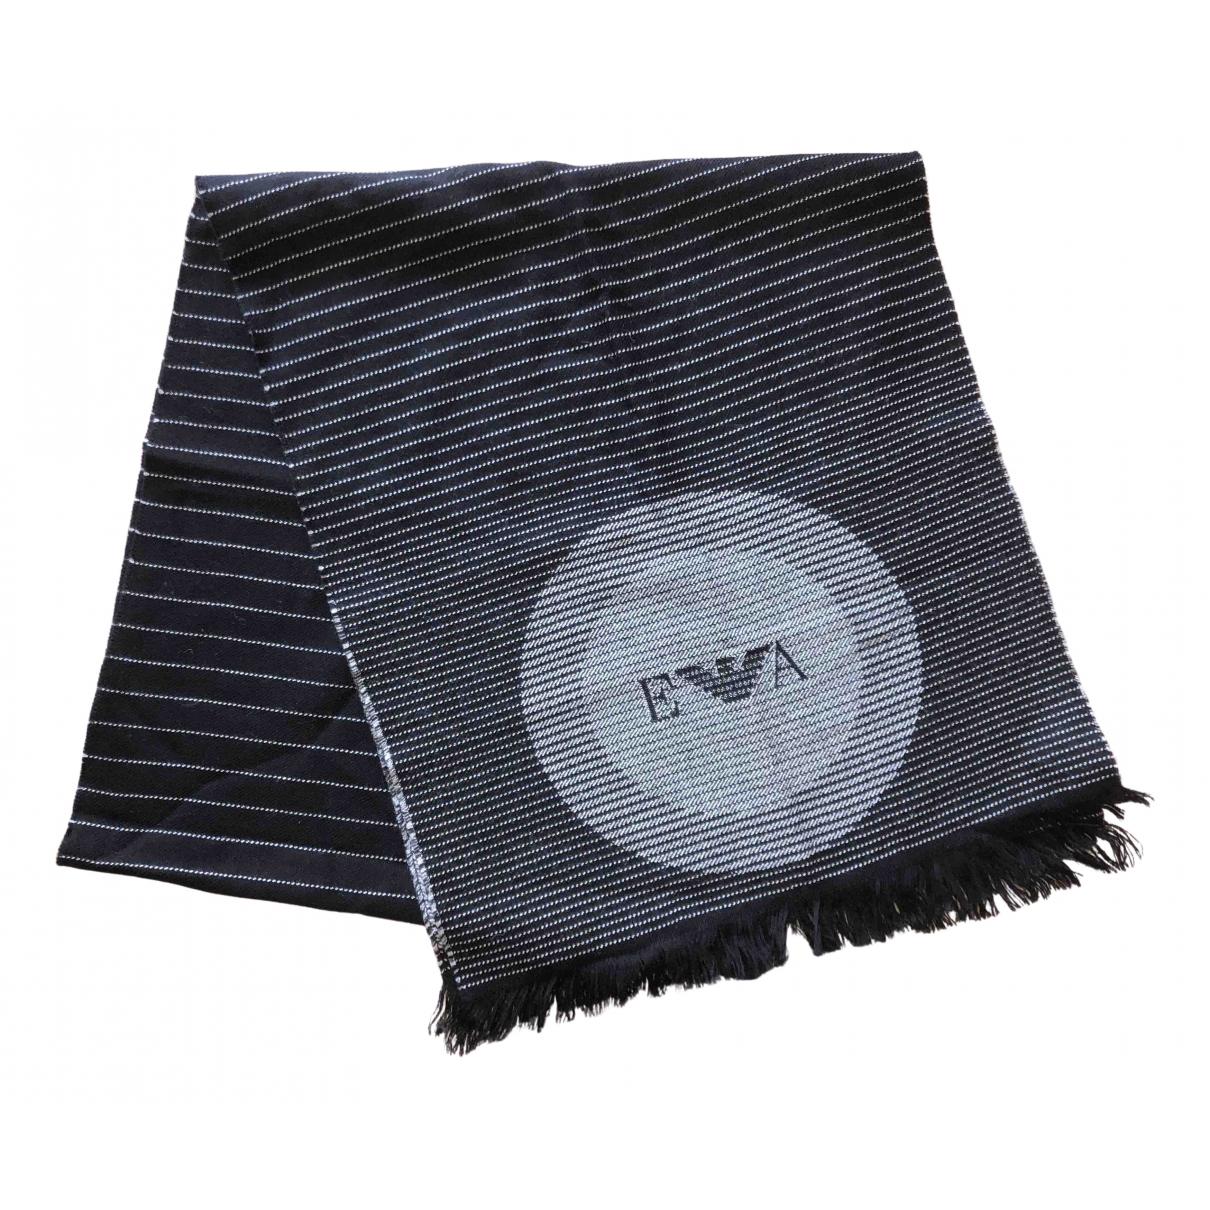 Emporio Armani \N Tuecher, Schal in  Schwarz Wolle